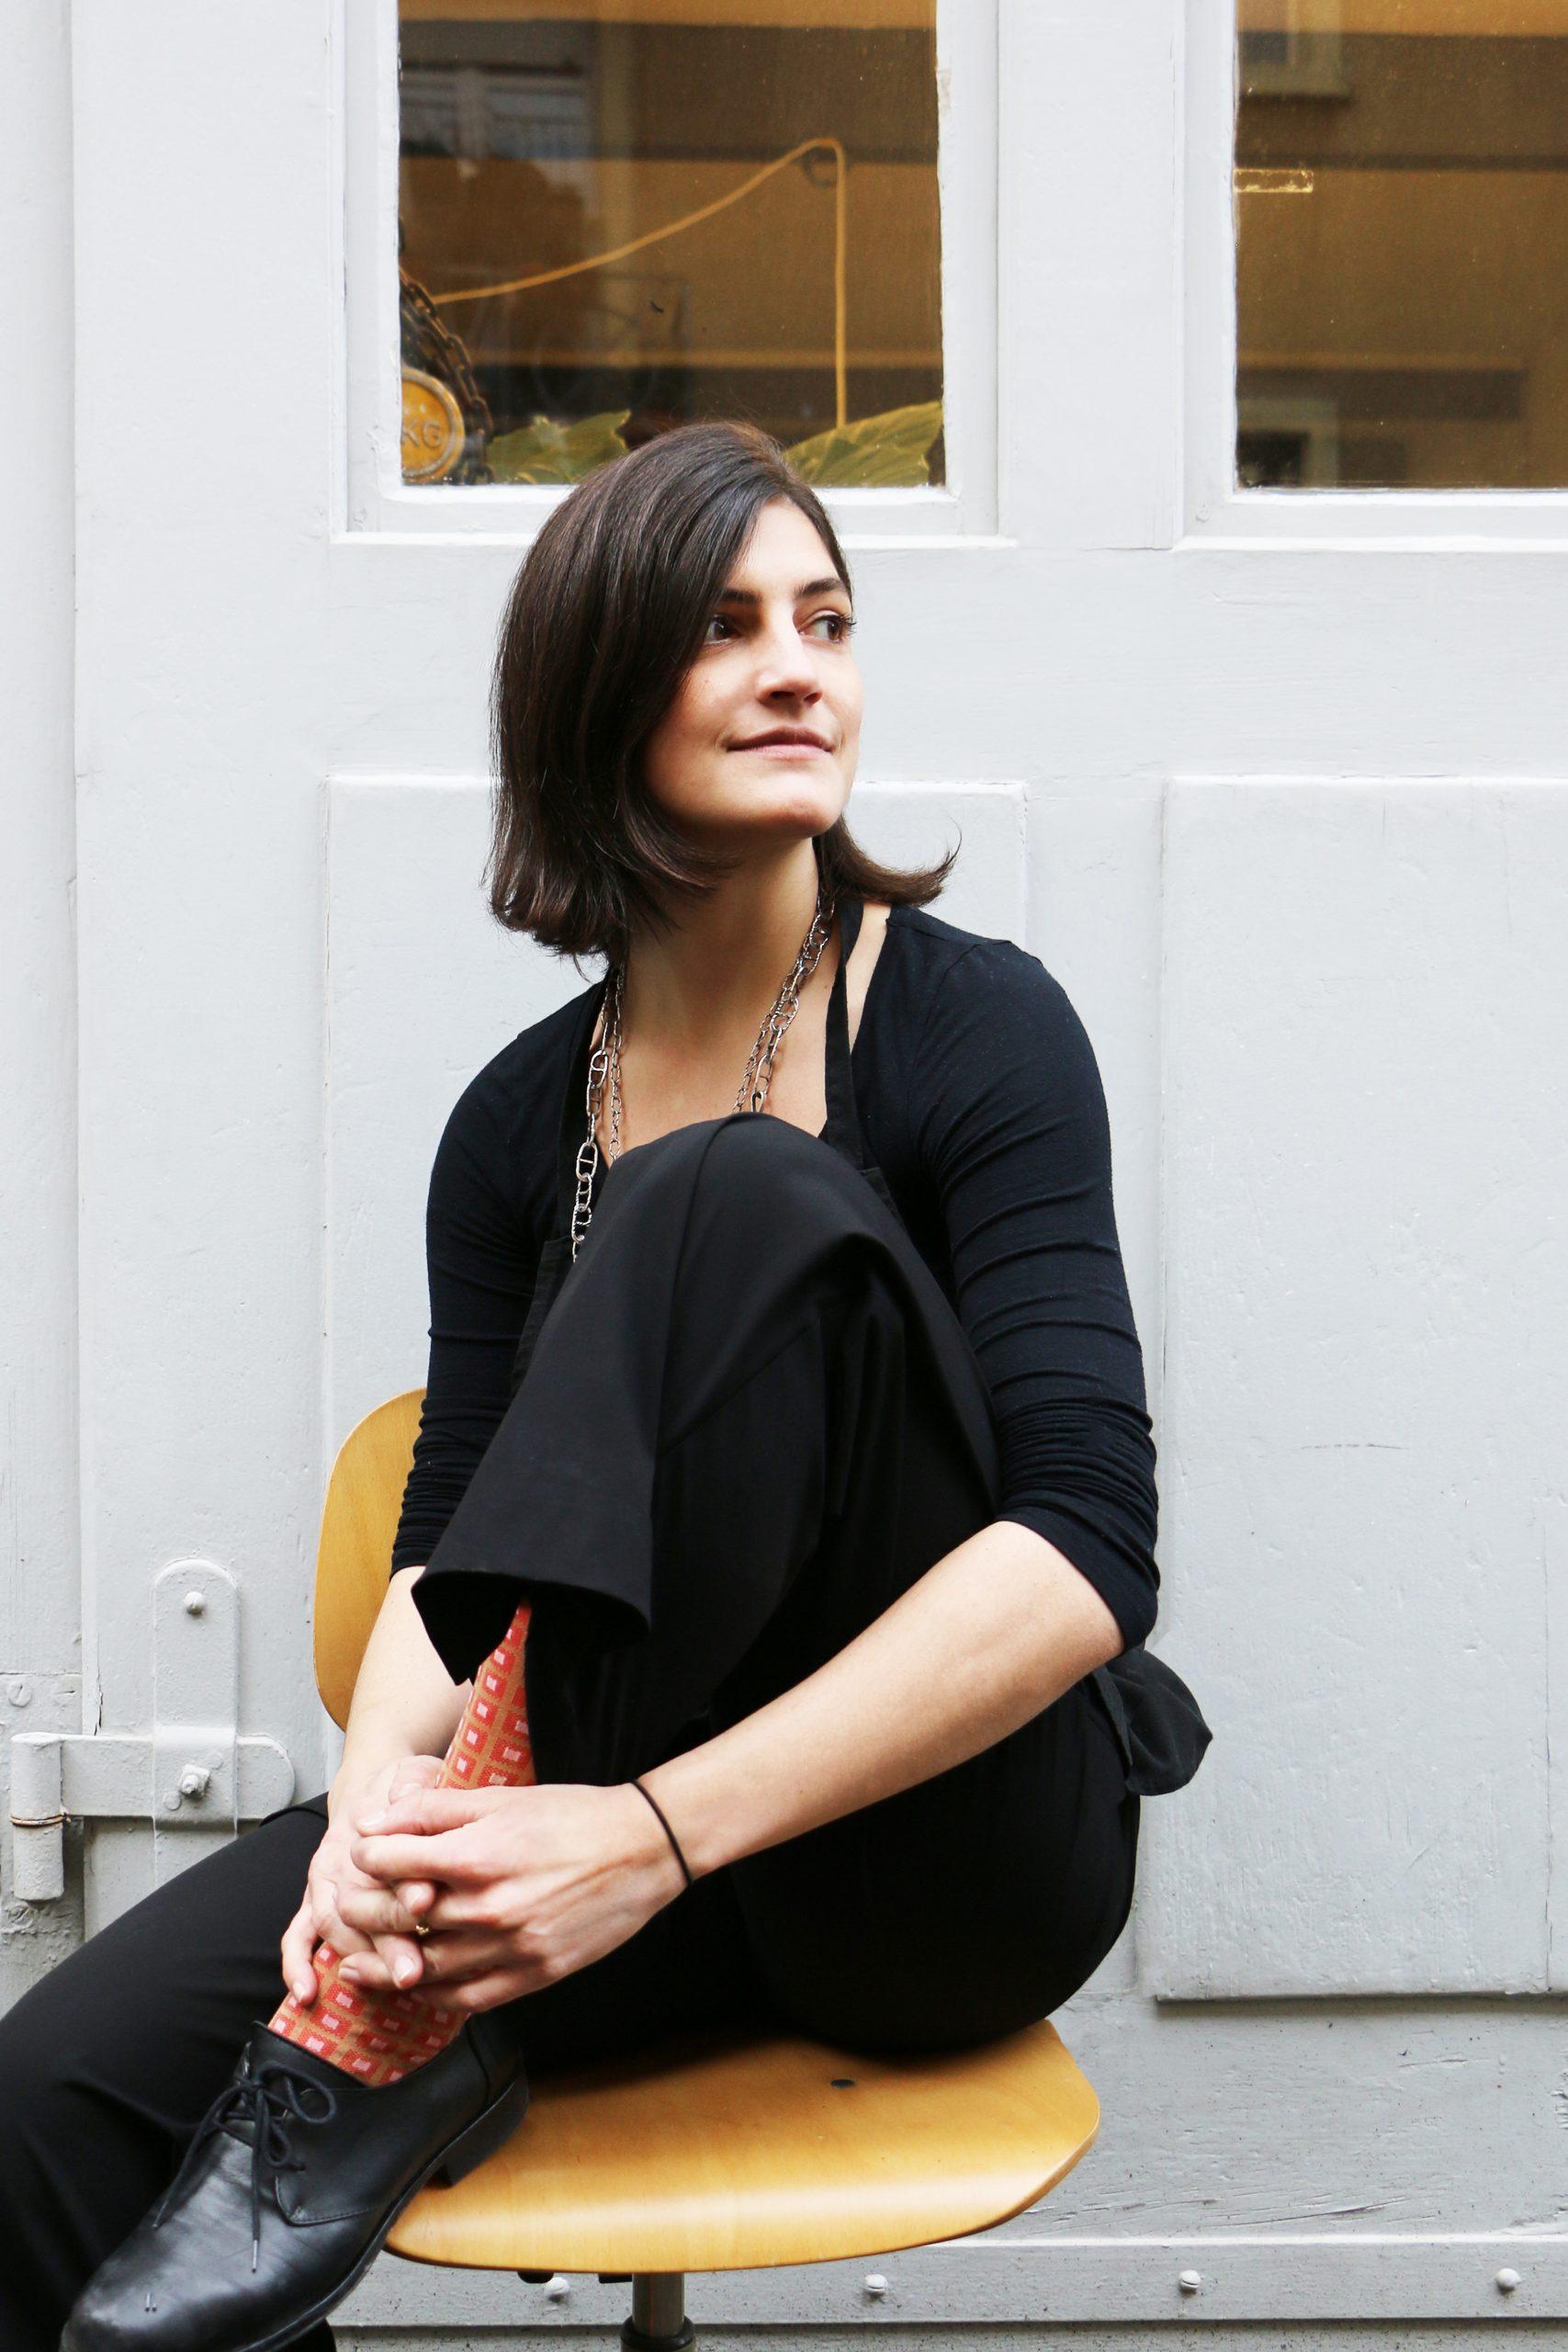 Laura Micheli